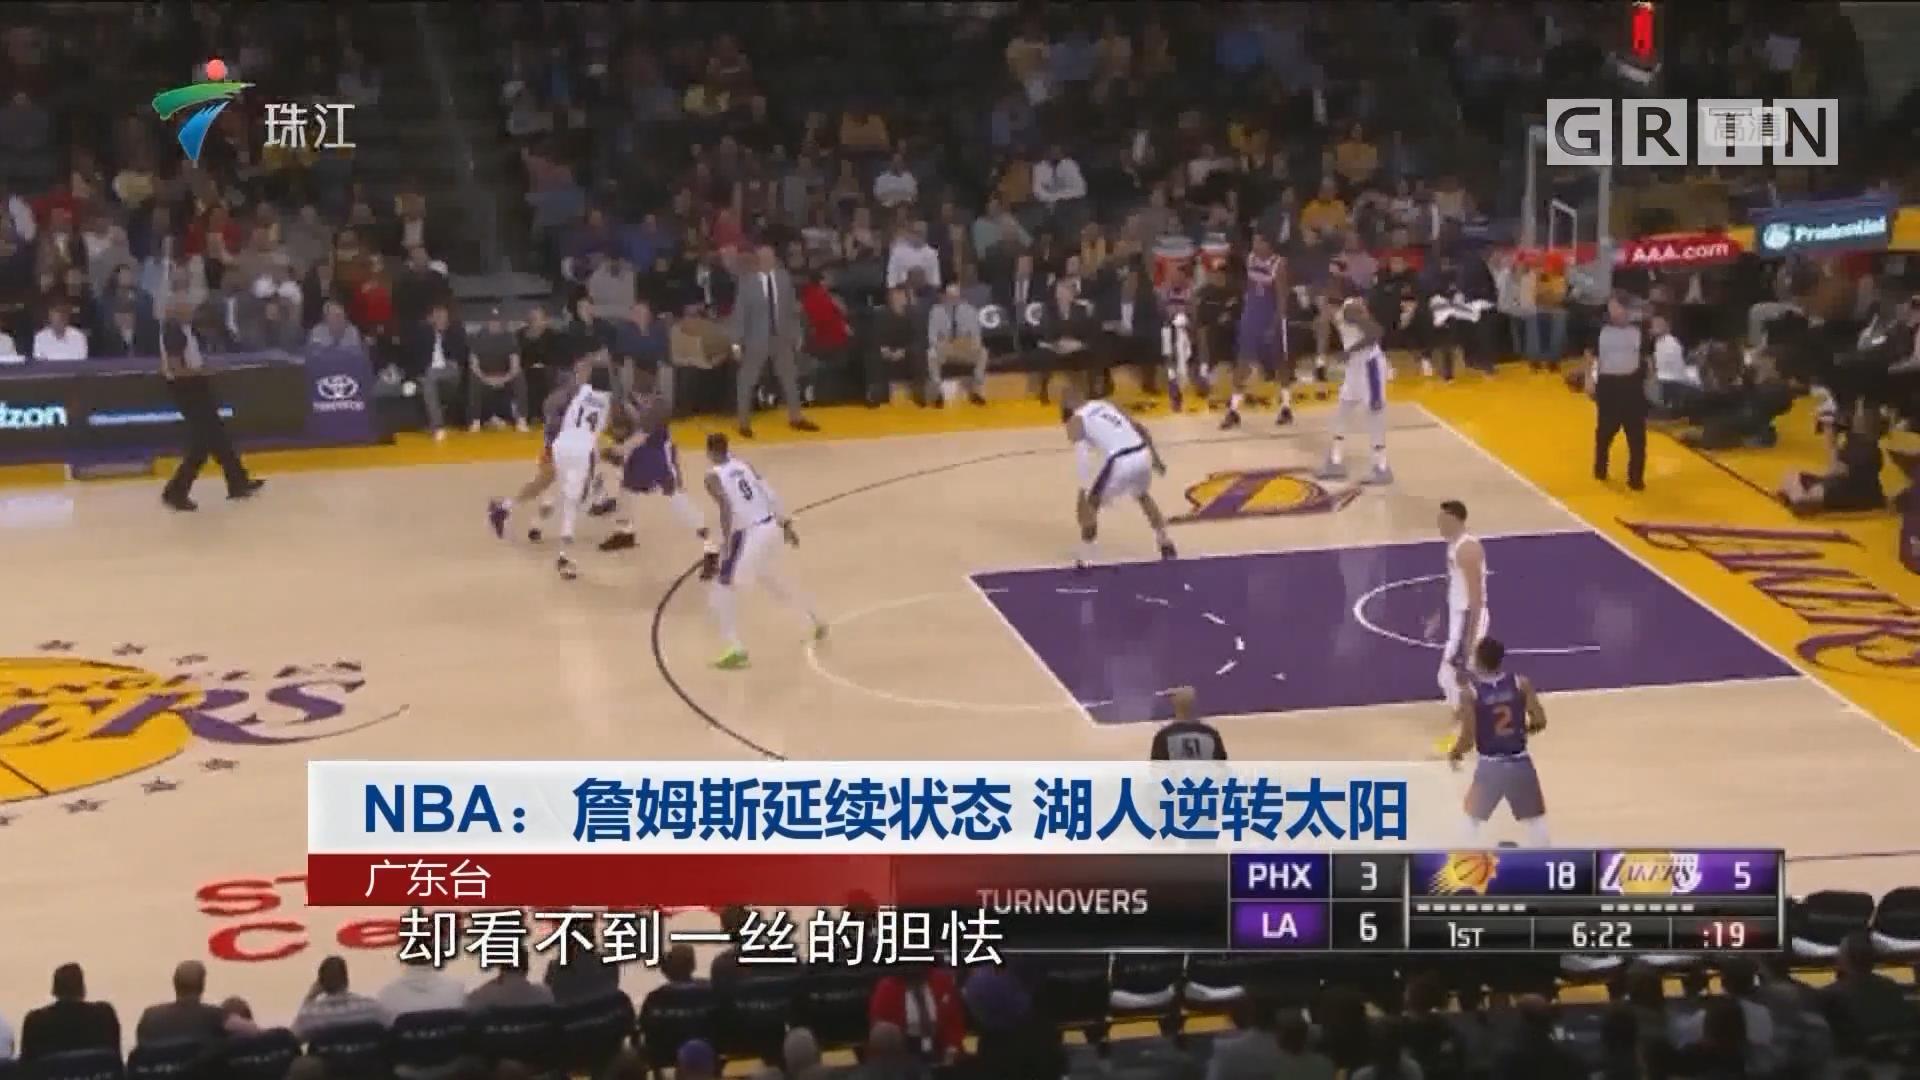 NBA:詹姆斯延續狀態 湖人逆轉太陽